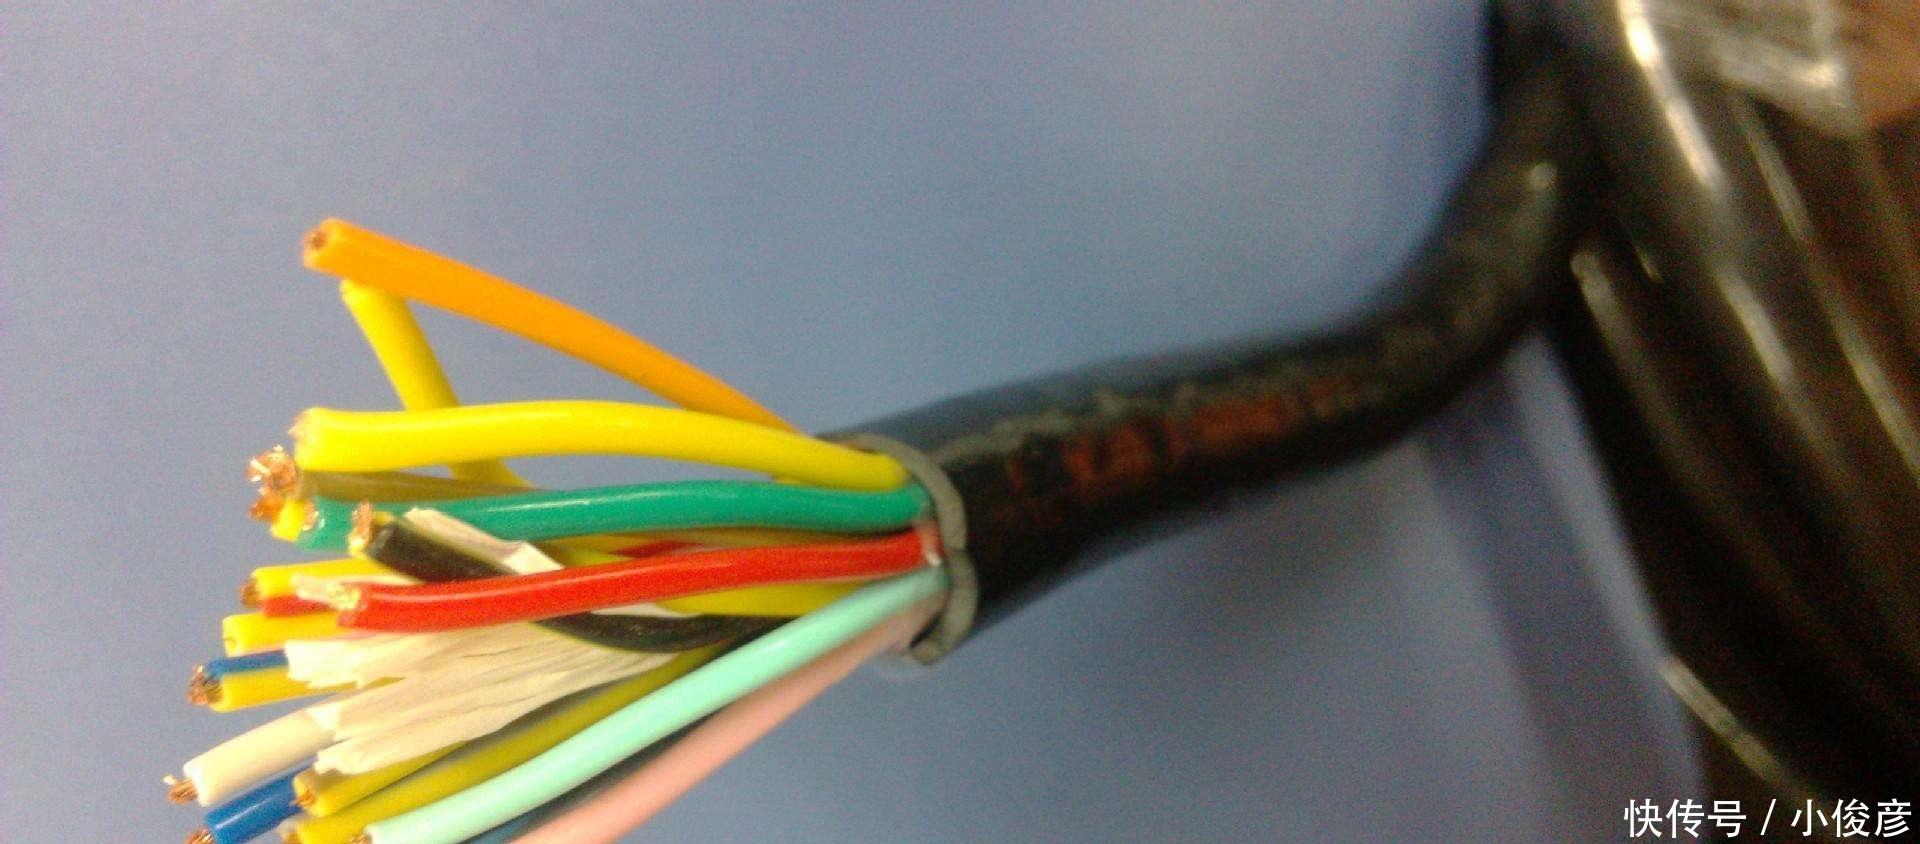 4平方毫米铜线可以带动多少瓦的电器?家装电